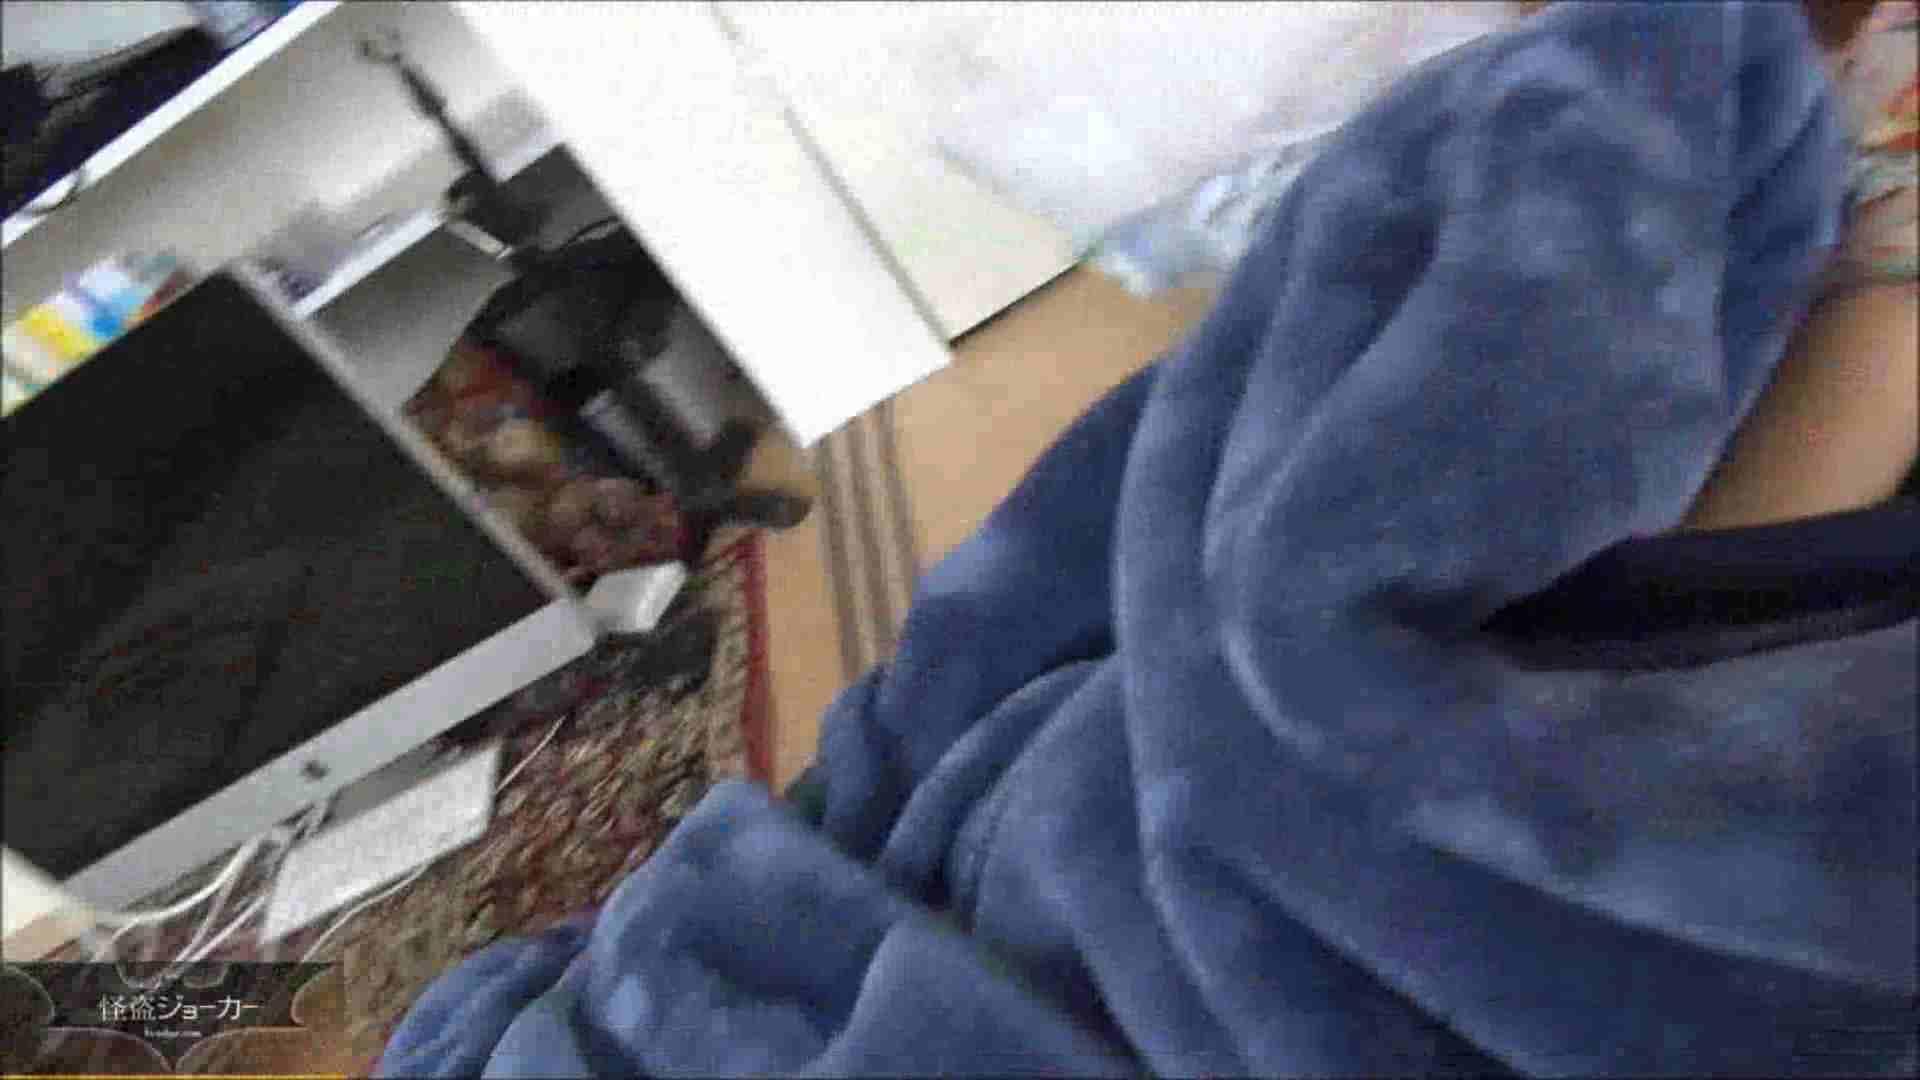 【未公開】vol.63 友喰い…Mちゃん&Yちゃん、dei●した朝方に。 丸見え ぱこり動画紹介 110画像 12